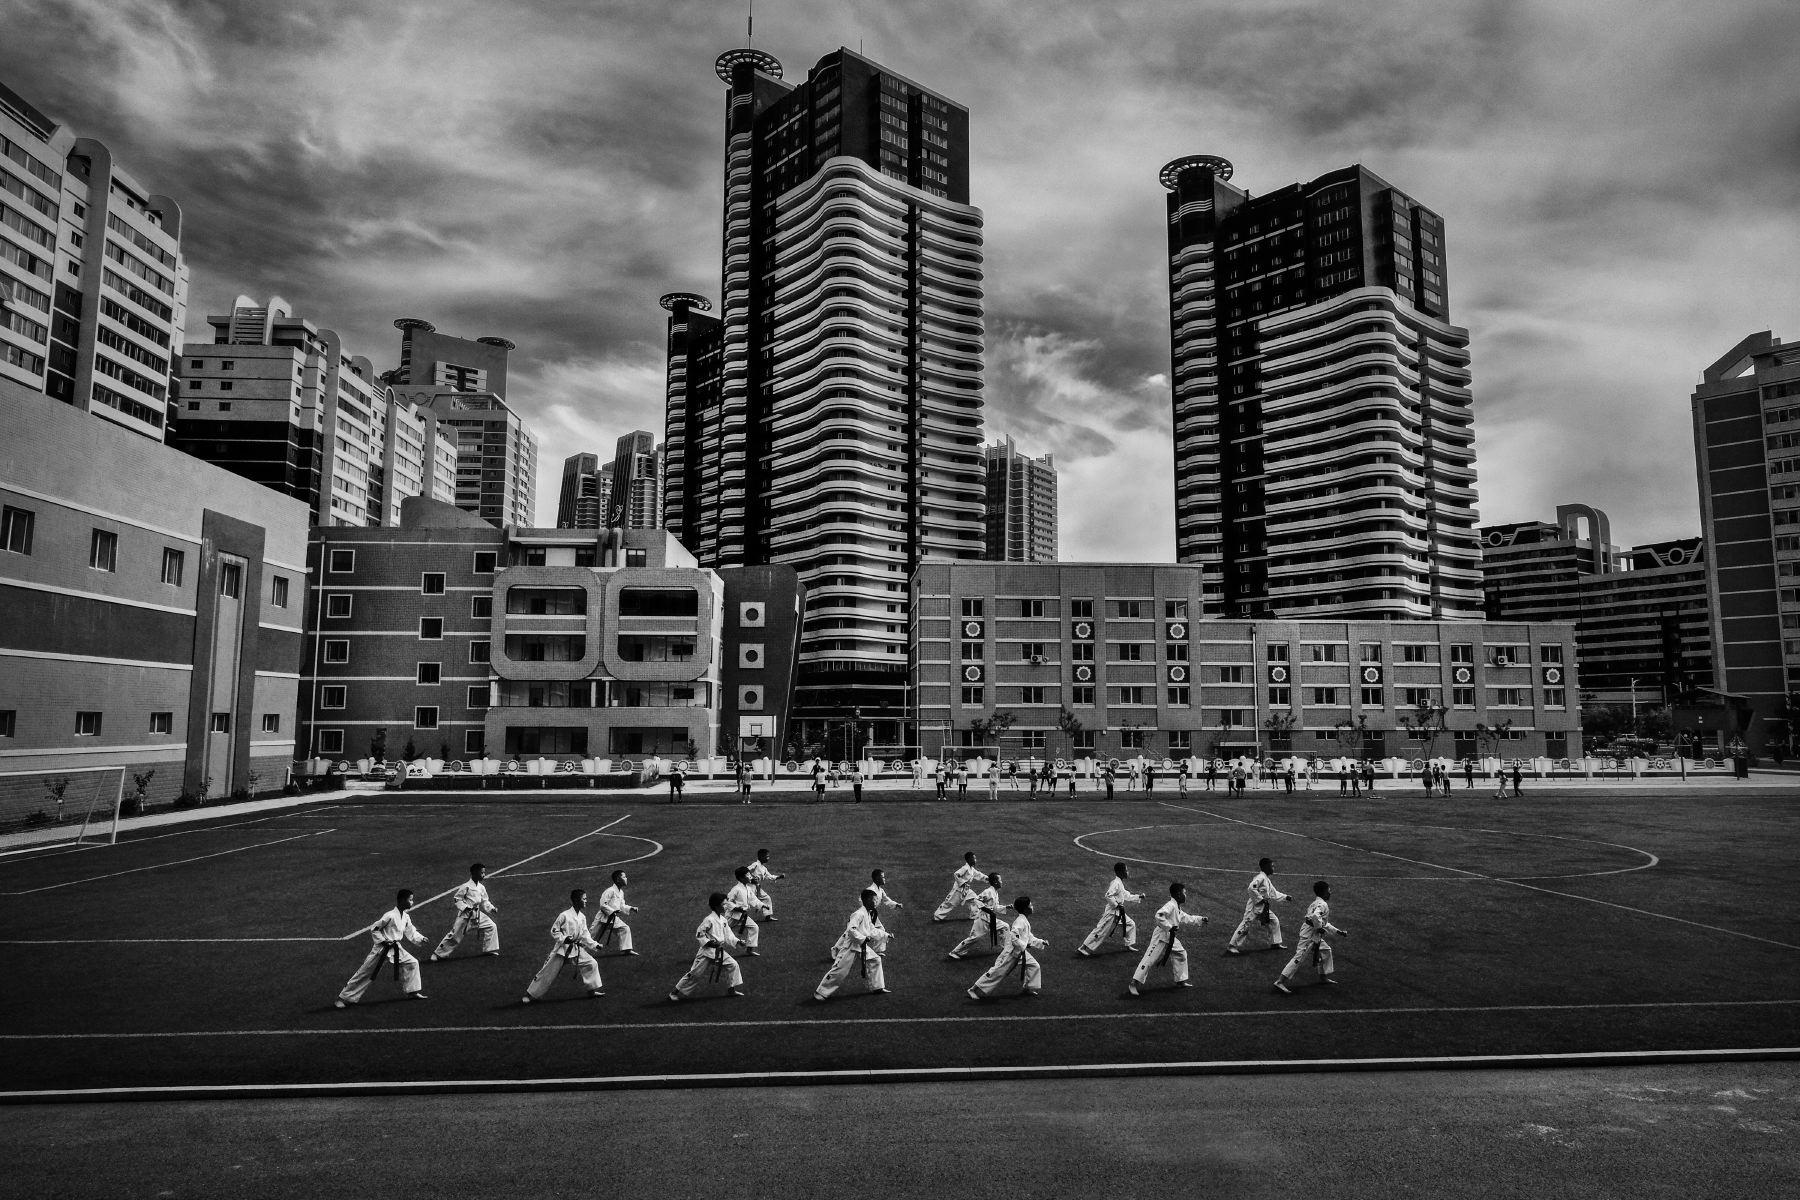 Alain_Schroeder_Taekwondo _North_Korea_Style_03.JPG